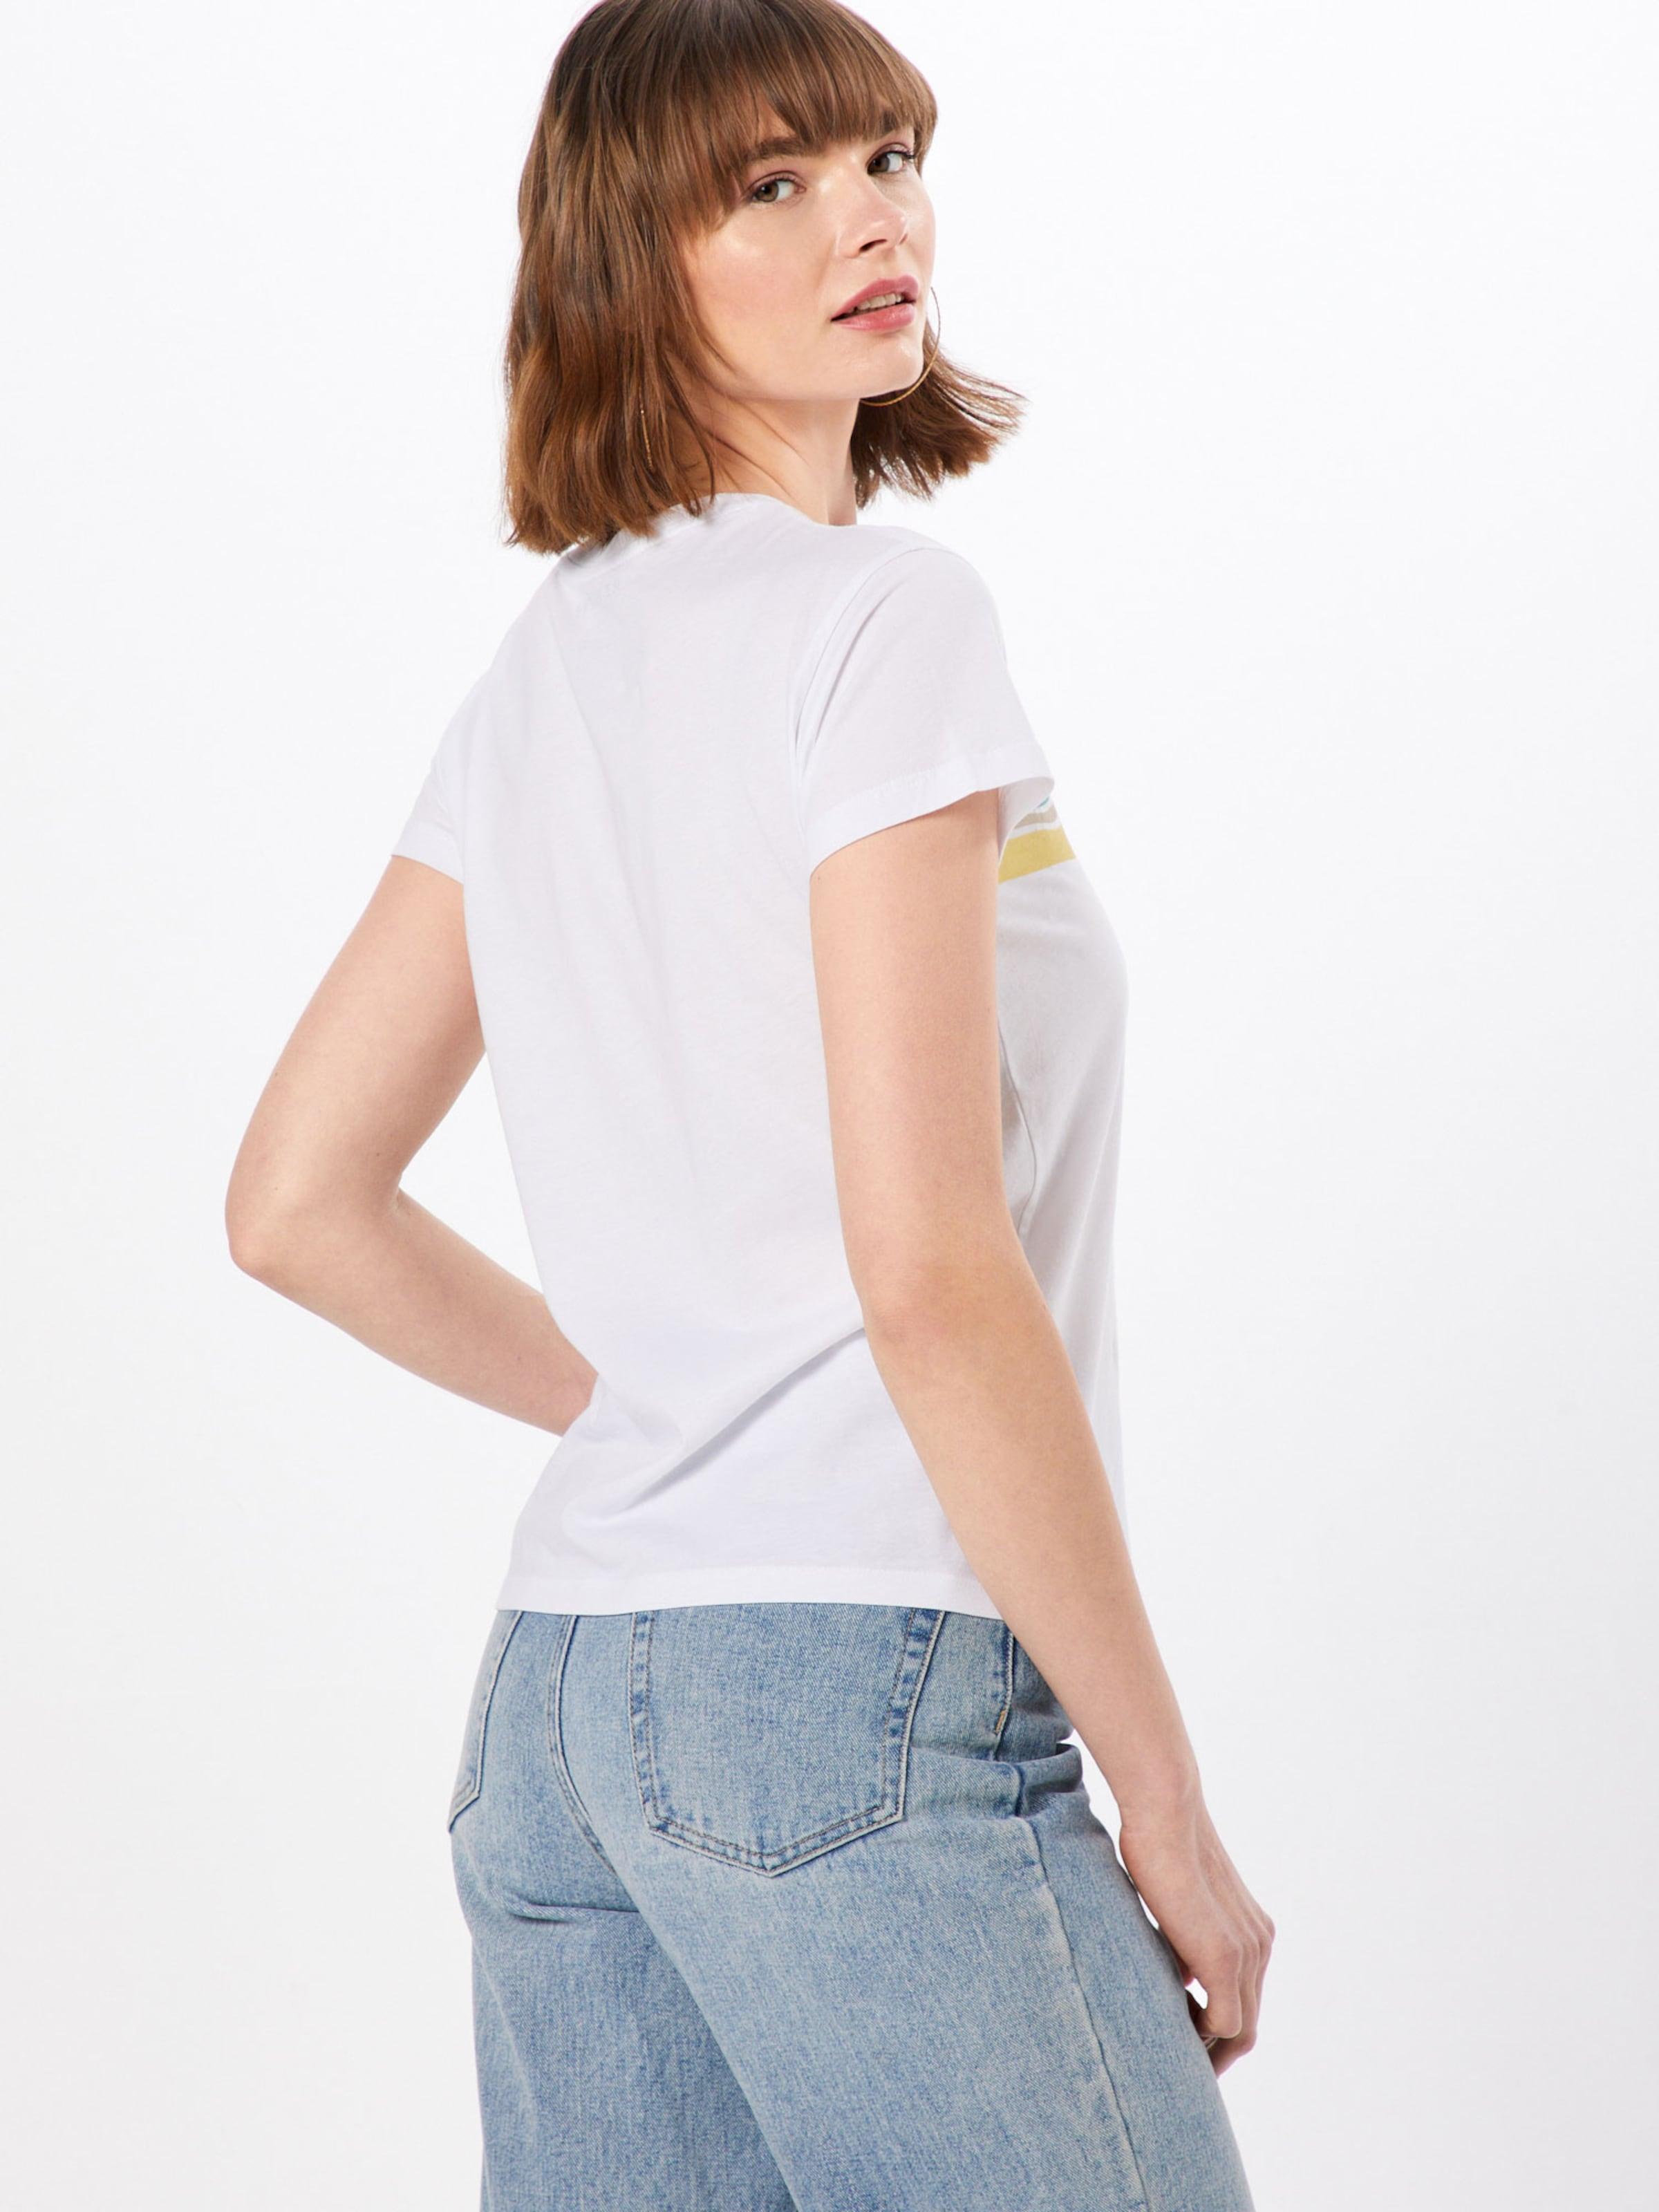 't Bleu T shirt FuméJaune Stripe' Blanc En Review Wave 3Jc5T1ulFK